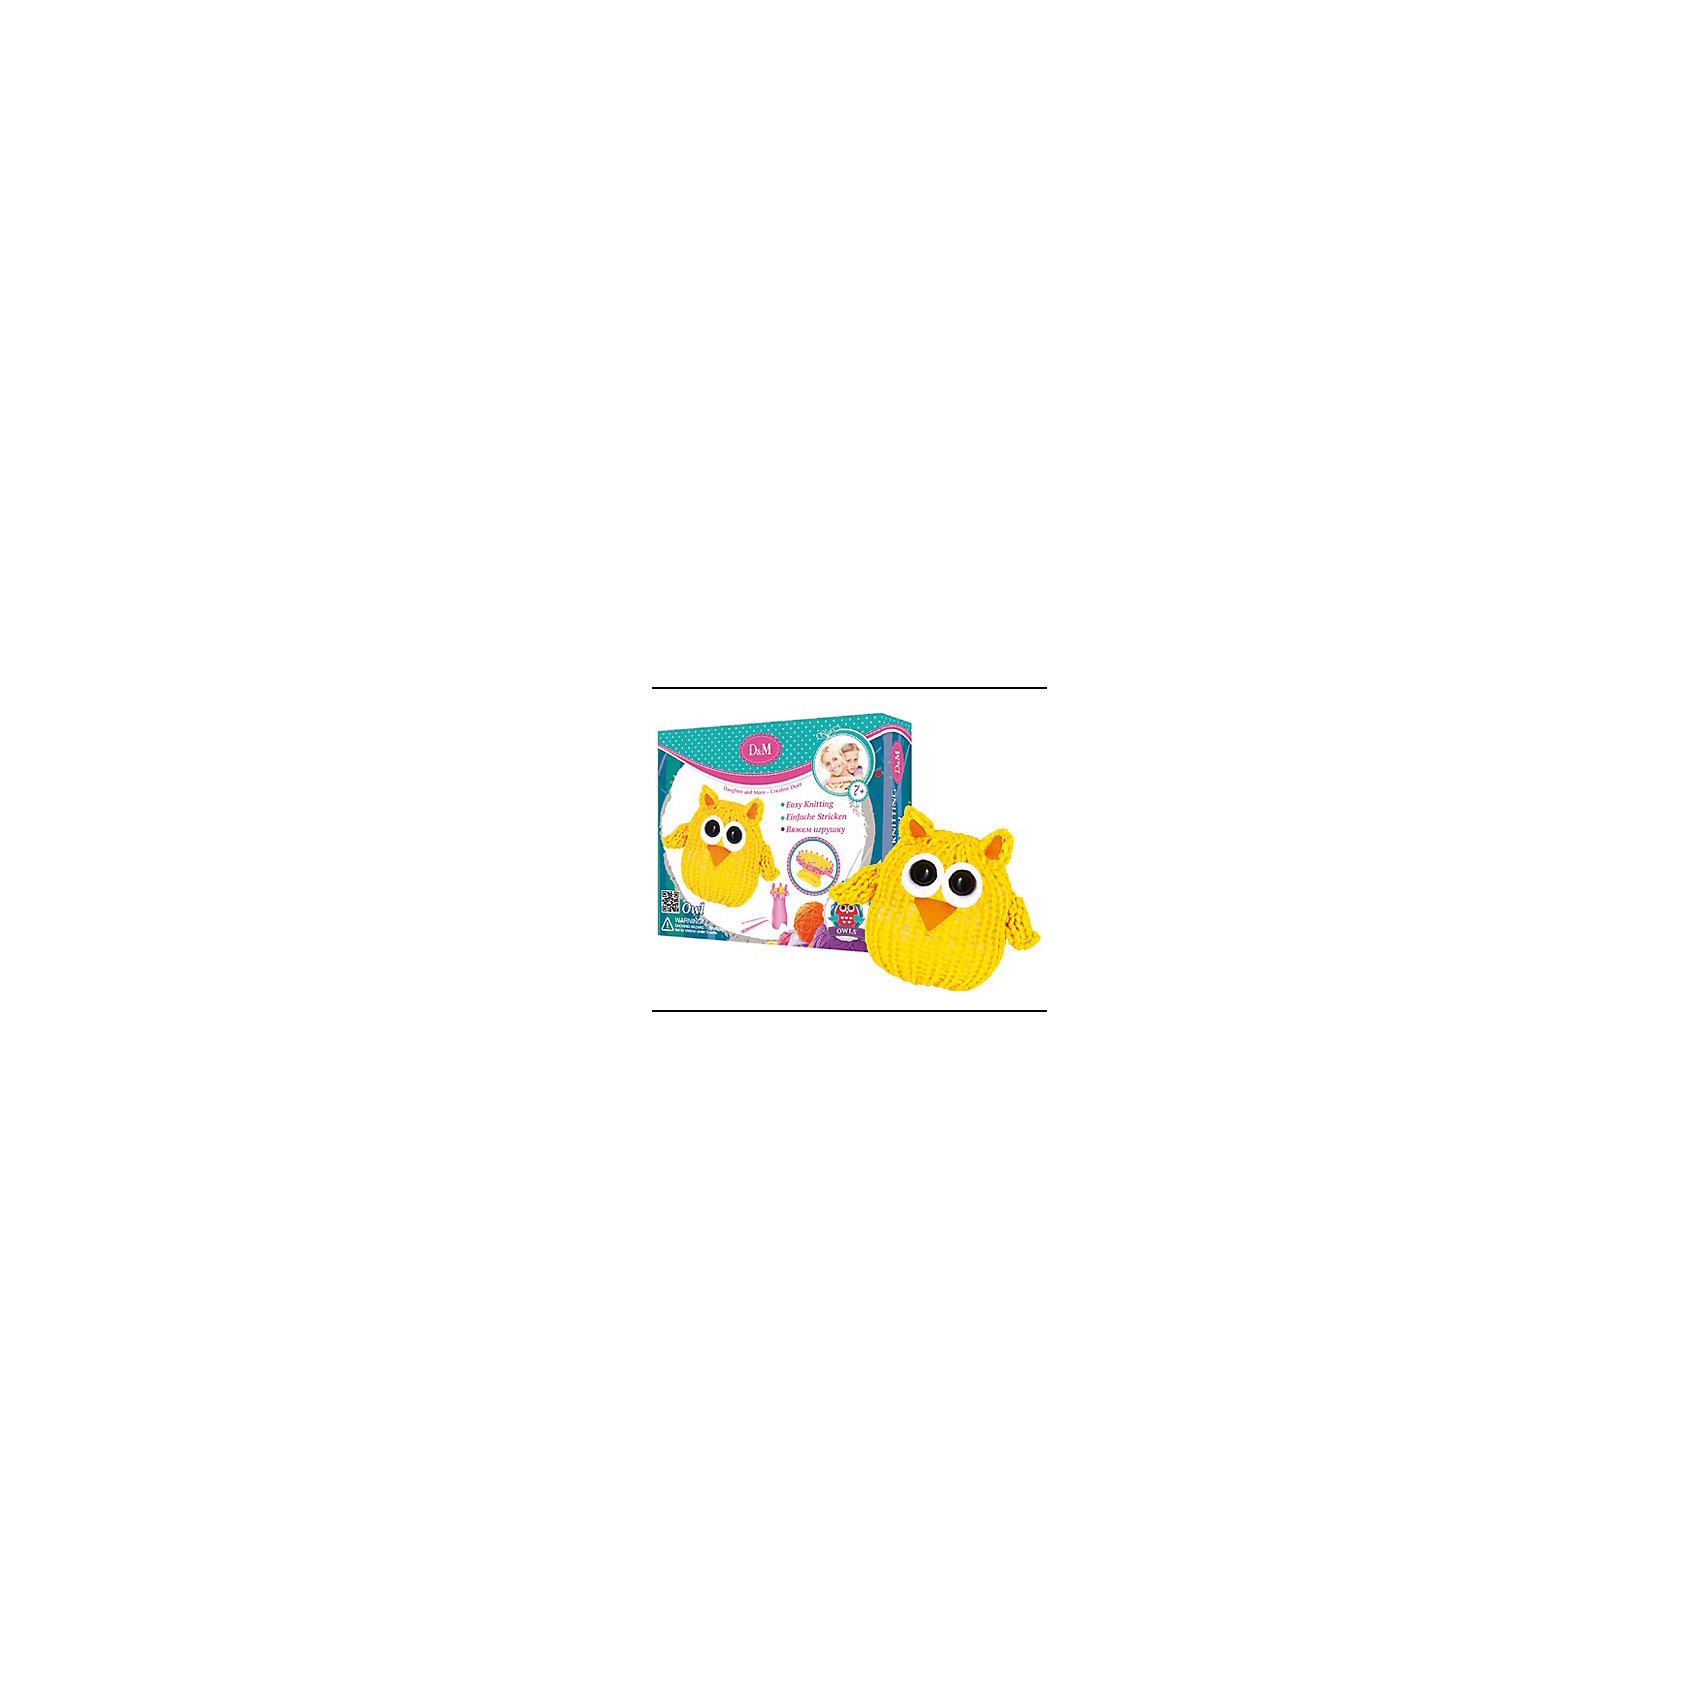 Набор для вязания СовушкаНабор для вязания Совушка придется по душе всем юным любительницам рукоделия. В наборе Вы найдете все необходимые материалы и инструменты для изготовления забавной вязаной фигурки совы: станок для вязания, нитки, крючки и подробную  инструкцию. Чудесная вязаная игрушка станет замечательным украшением интерьера и оригинальным подарком родным и друзьям. Вязание развивает внимательность, трудолюбие и мелкую моторику пальцев.<br><br>Дополнительная информация:<br><br>- В комплекте: нитки для вязания, крючки, станок для вязания.<br>- Материал: текстиль, пластик<br>- Размер упаковки: 18,5 х 21,5 х 5.5 см.<br>- Вес: 0,154 кг.<br><br>Набор для вязания Совушка, Делай с Мамой, можно купить в нашем интернет-магазине.<br><br>Ширина мм: 215<br>Глубина мм: 55<br>Высота мм: 185<br>Вес г: 197<br>Возраст от месяцев: 84<br>Возраст до месяцев: 2147483647<br>Пол: Женский<br>Возраст: Детский<br>SKU: 4512315